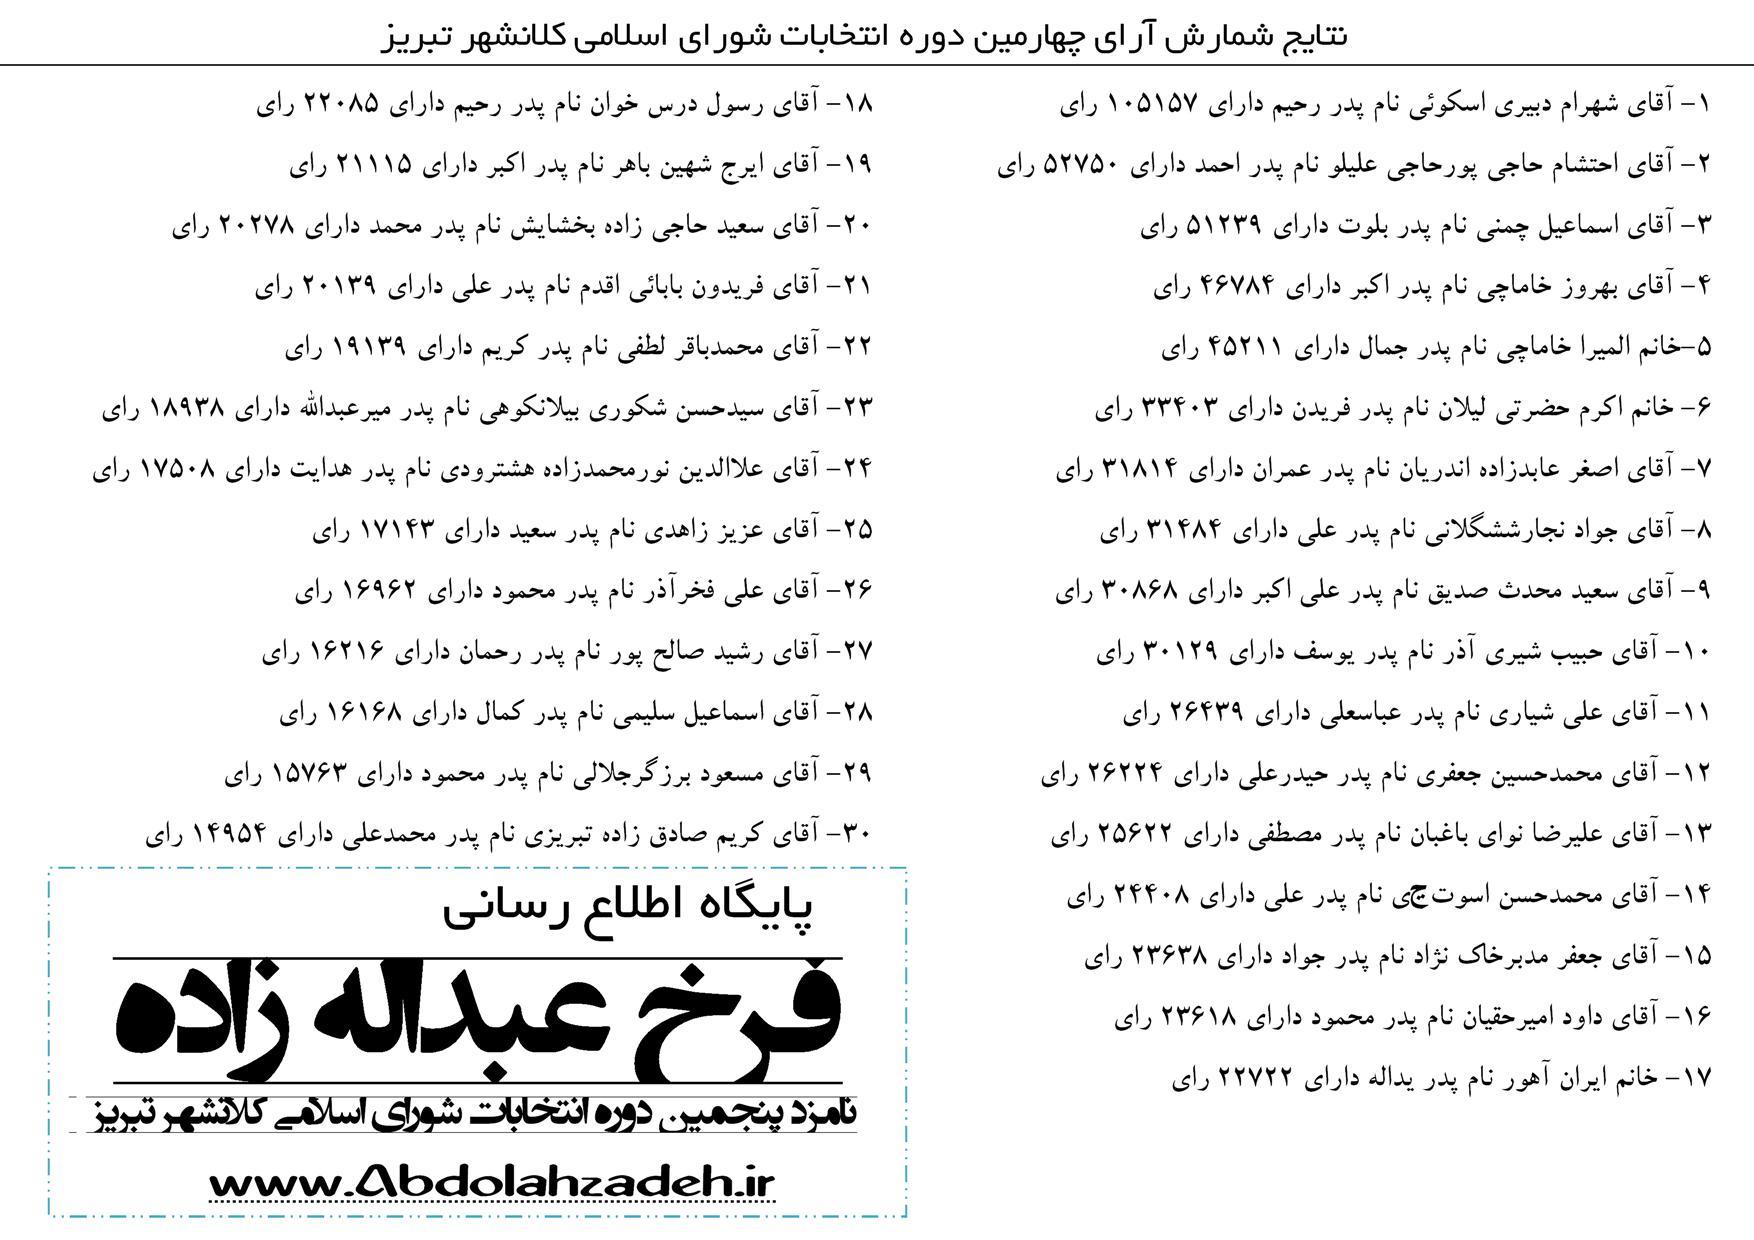 نتایج انتخابات شورای شهر تبریز